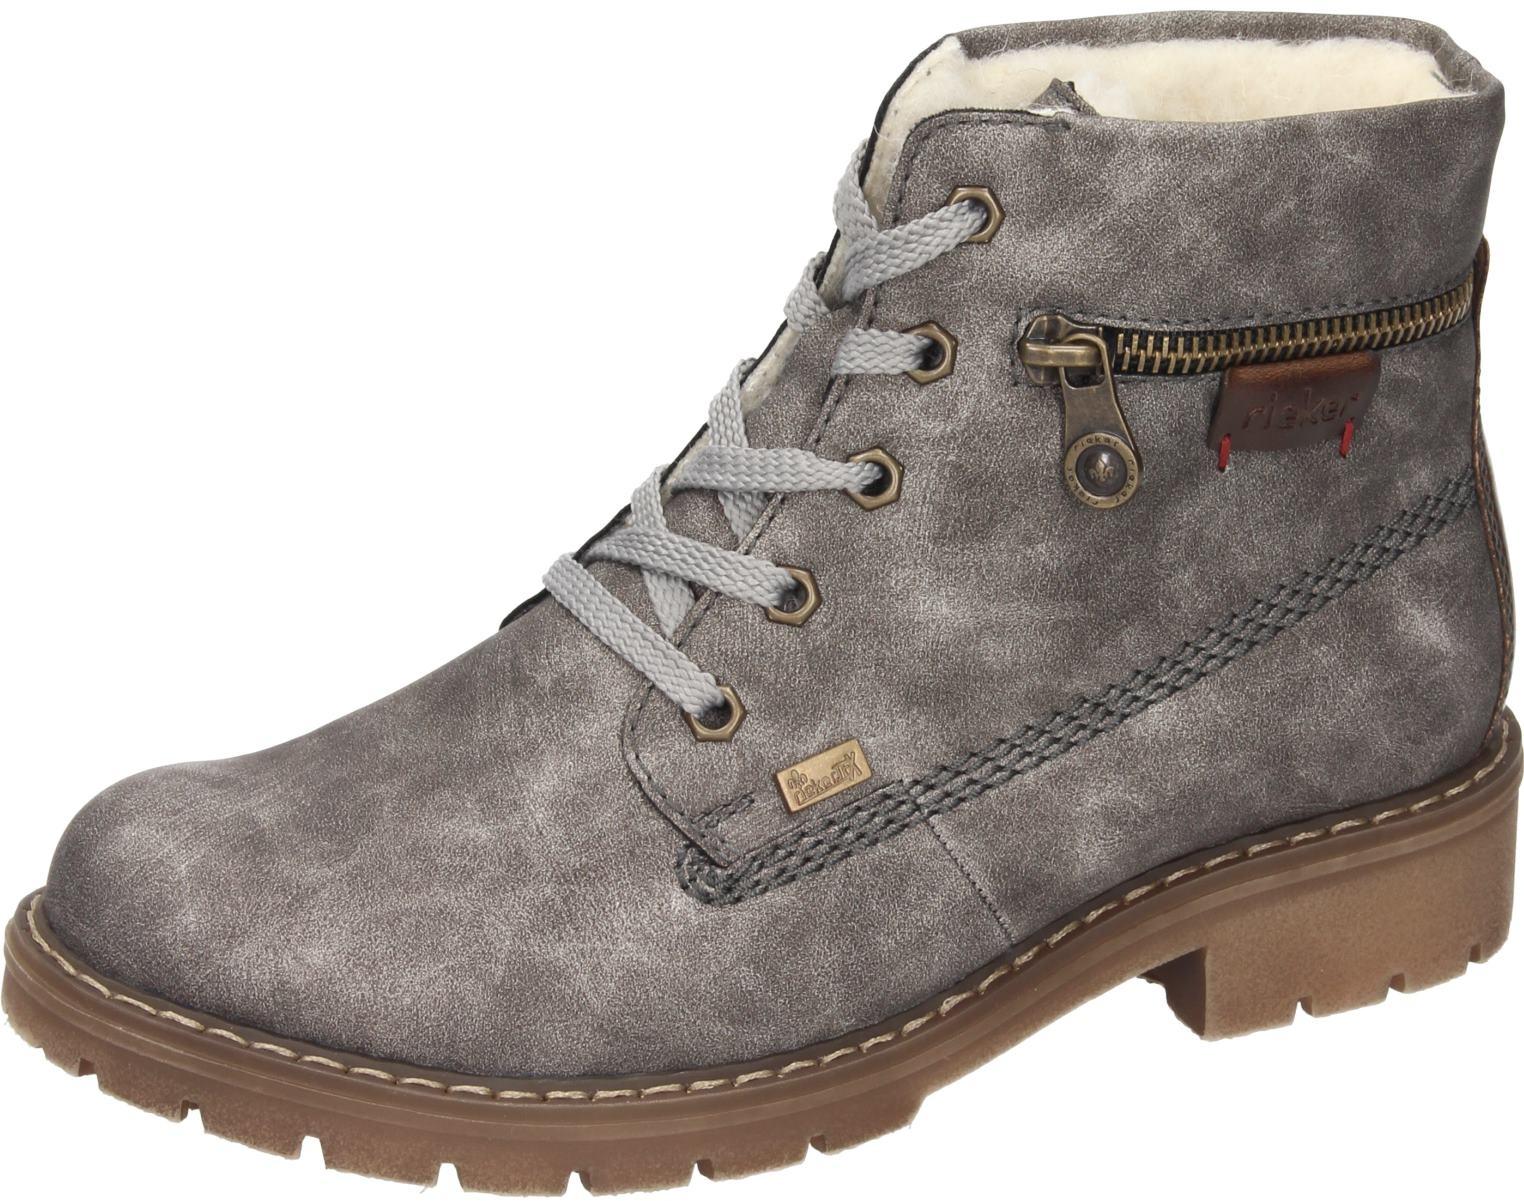 Rieker Damen Schuhe Damen-Stiefelette - F 1 2 grau Synthetik